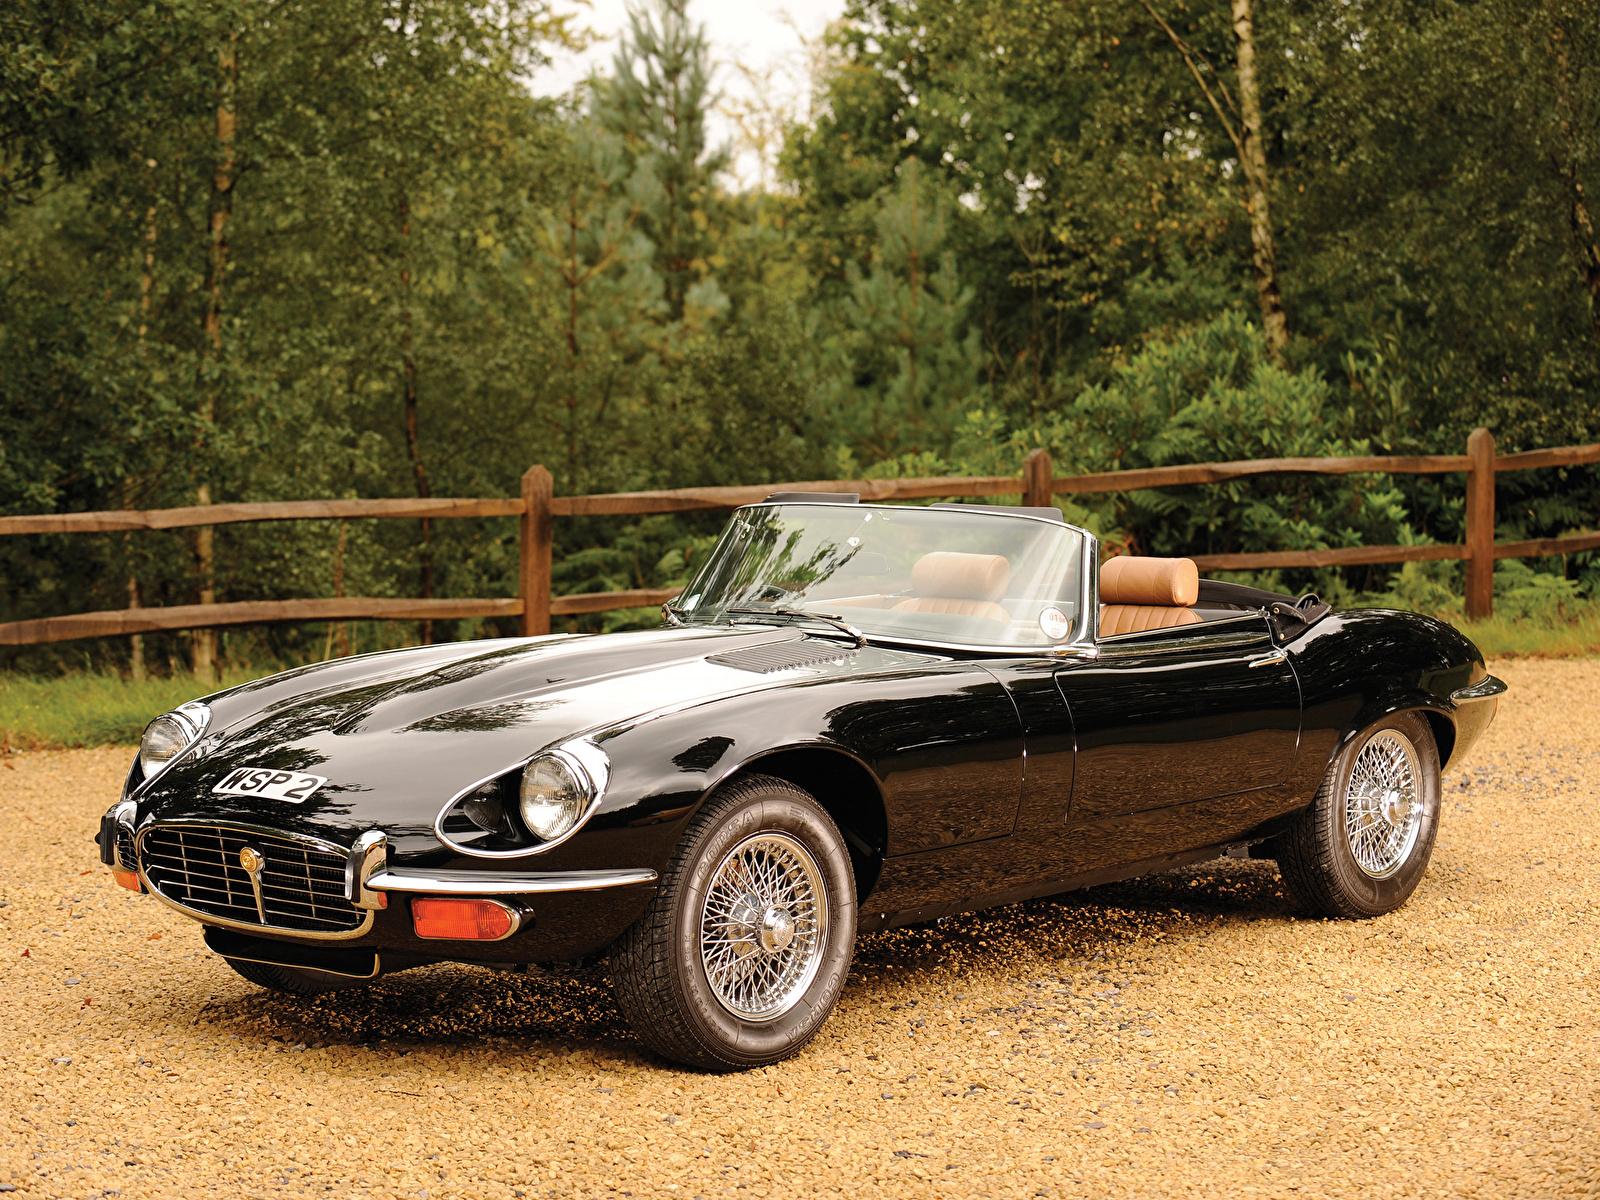 Фото Jaguar e-type v12 roadster 1974–75 Родстер черных фар авто 1600x1200 Ягуар Черный черные черная Фары машина машины автомобиль Автомобили